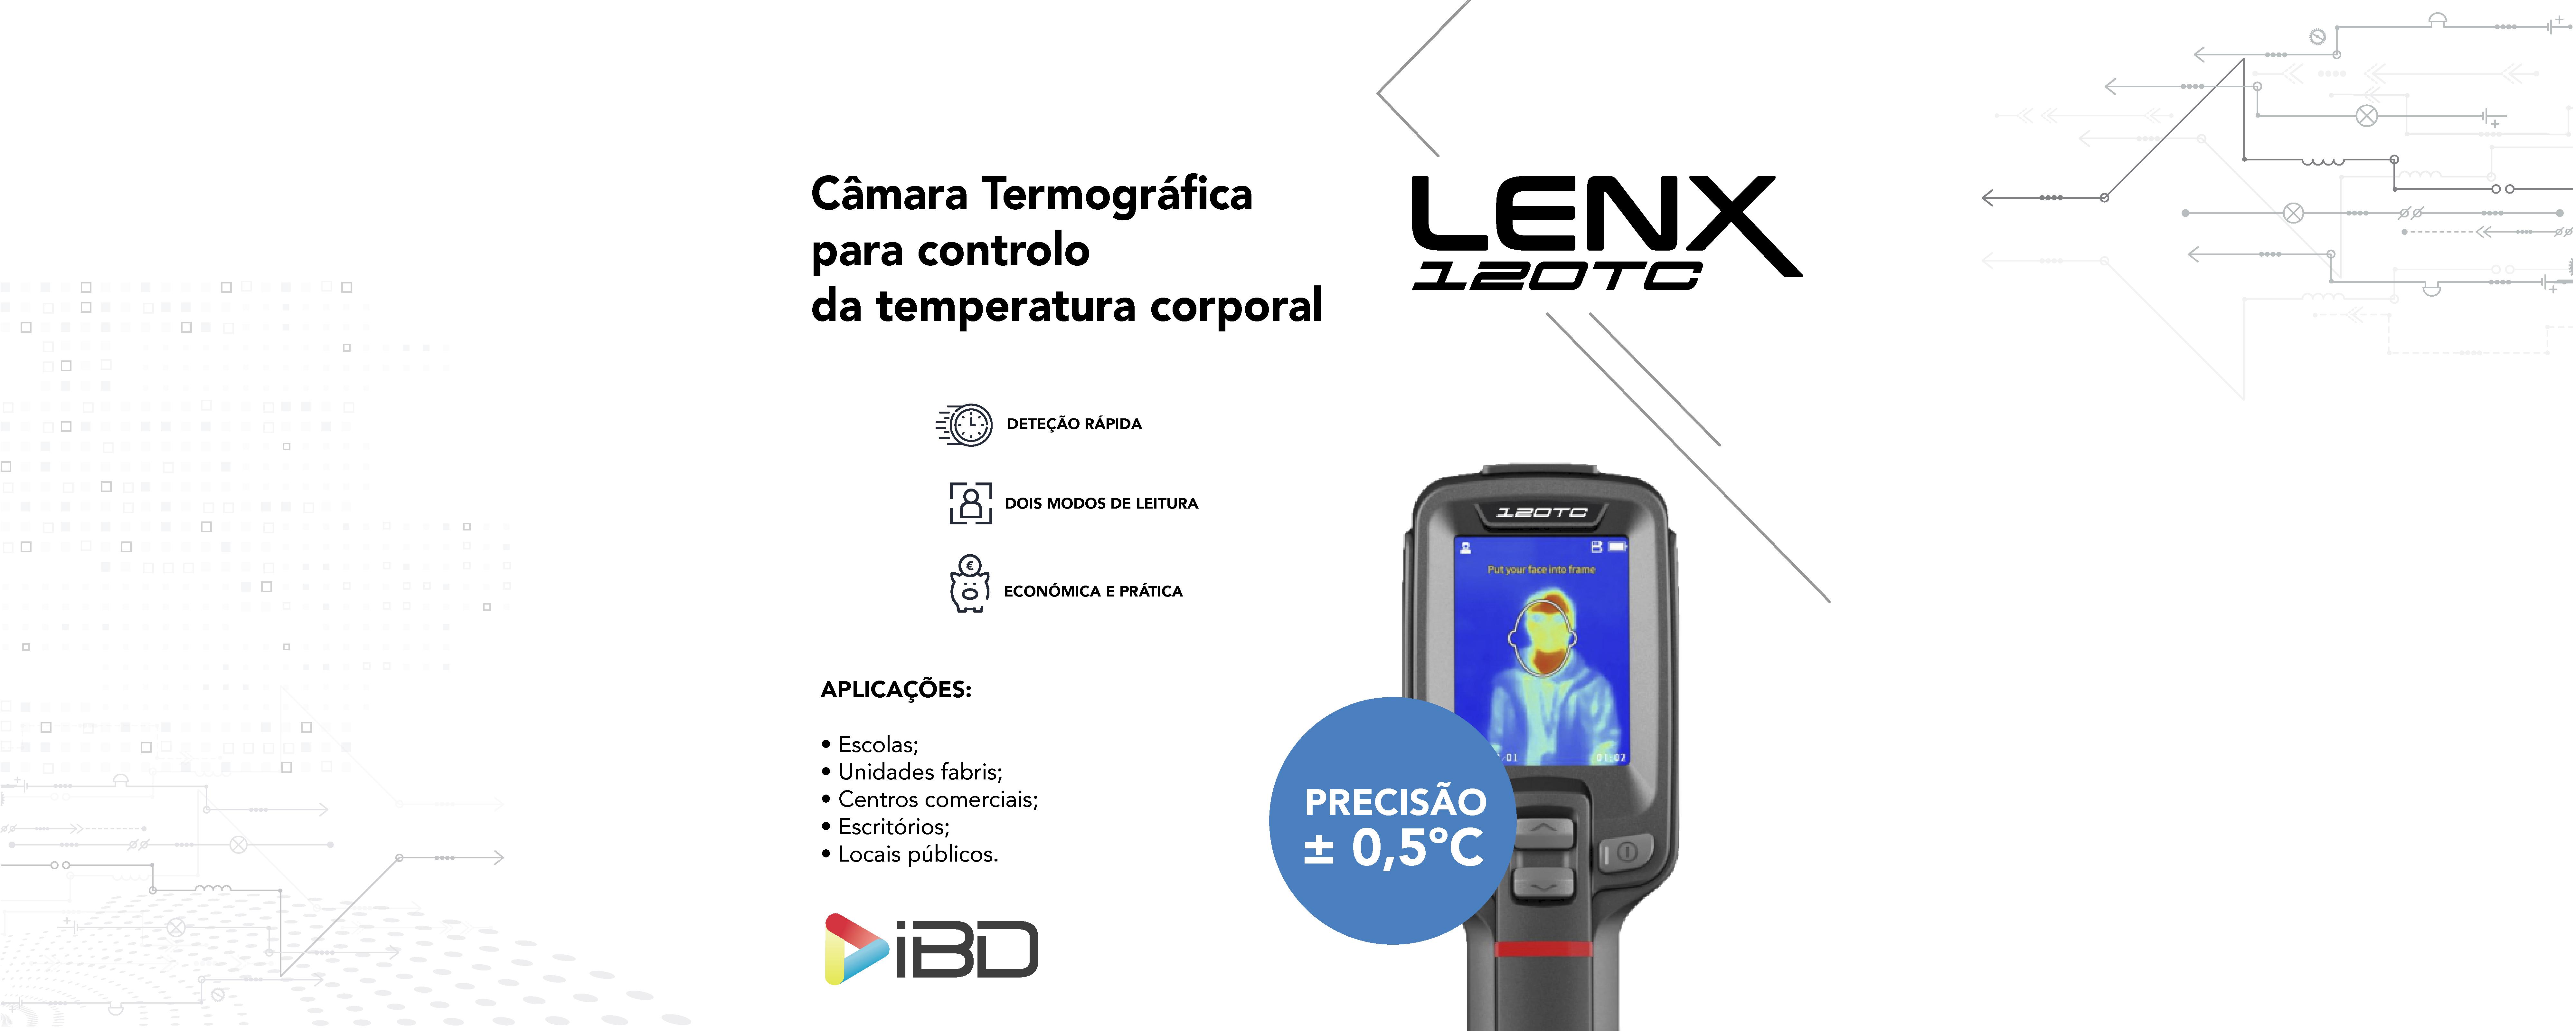 LENX 120TC